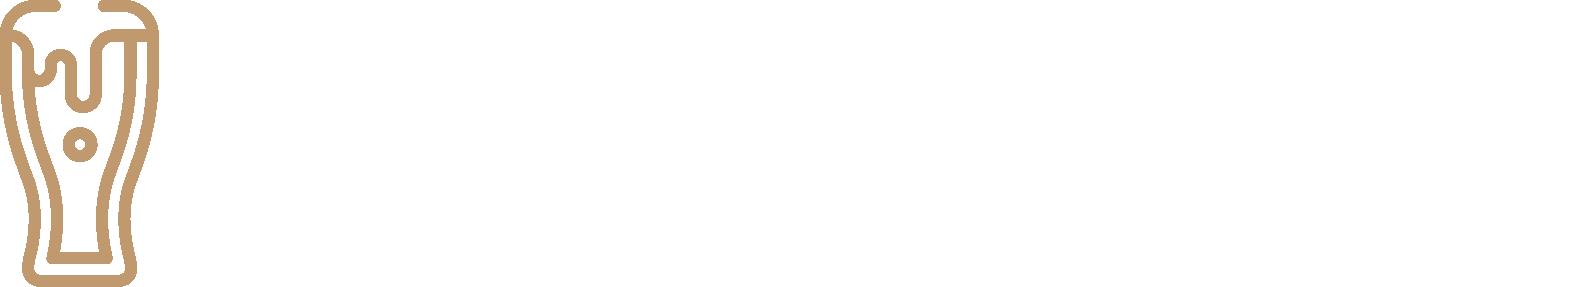 Cafe de westlander